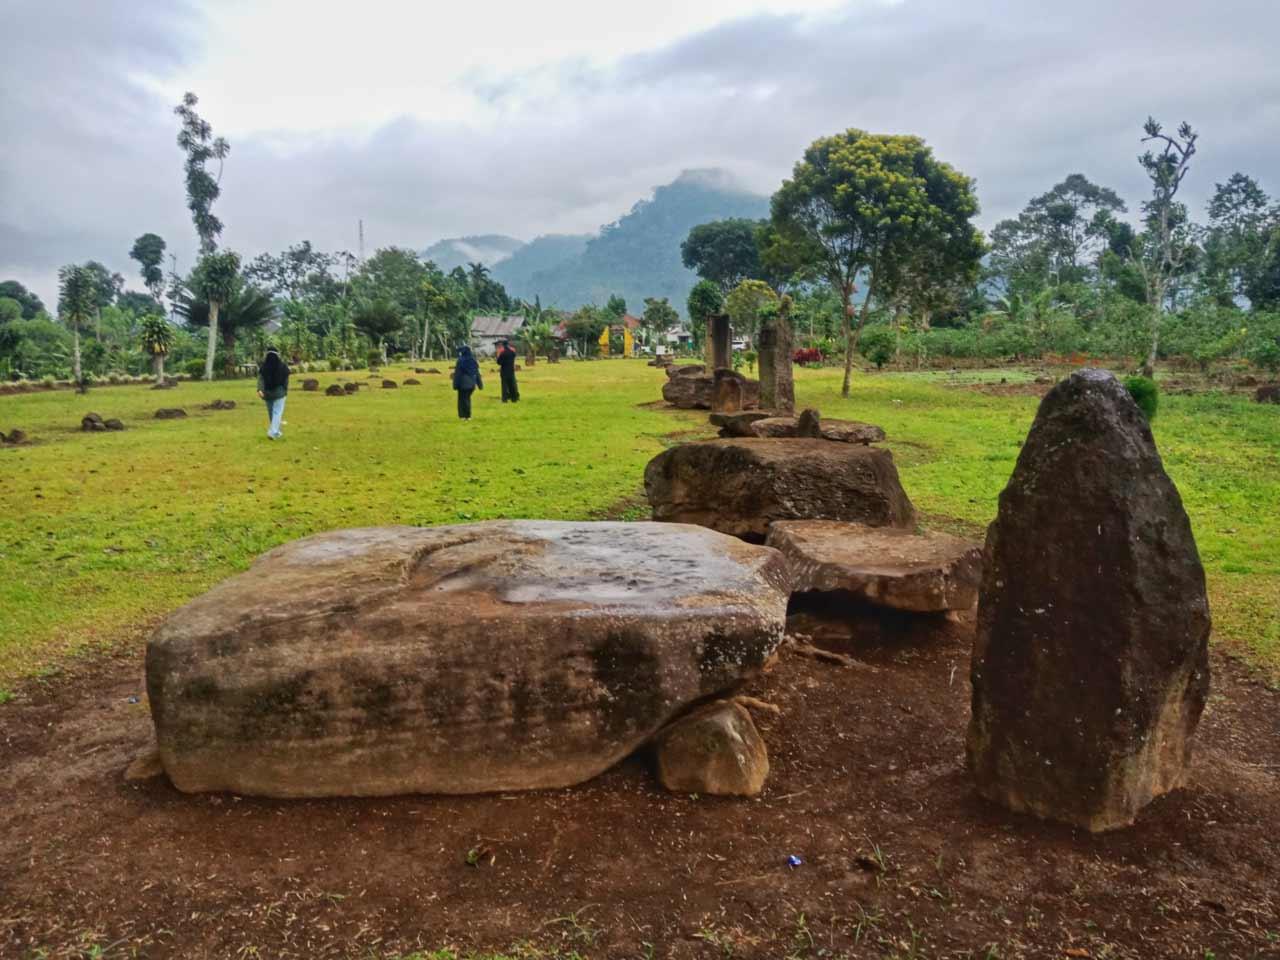 Foto Gambar Situs Megalitikum Batu Berak Lampung Barat - kelilinglampung.net - Yopie Pangkey - 4